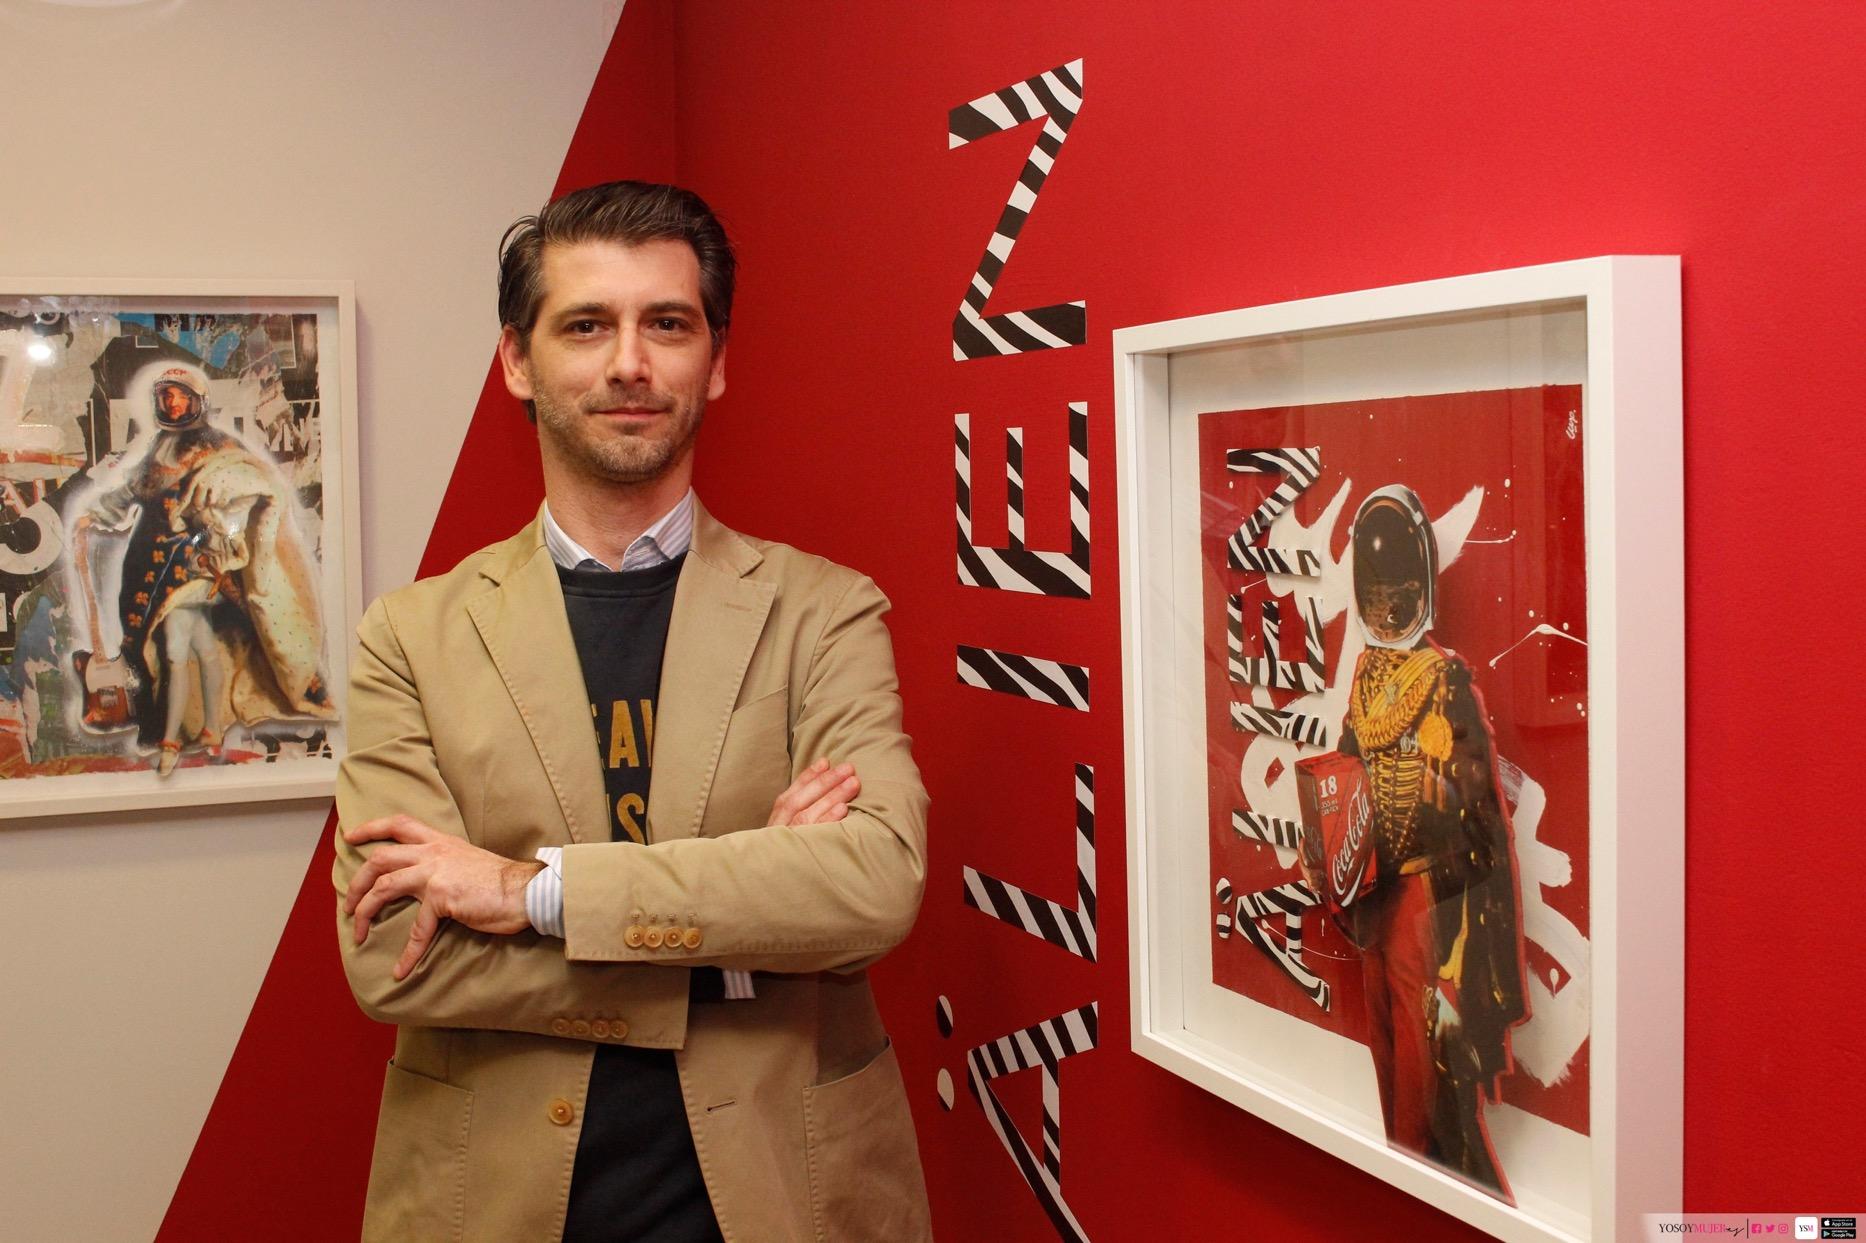 Antoine Dureau